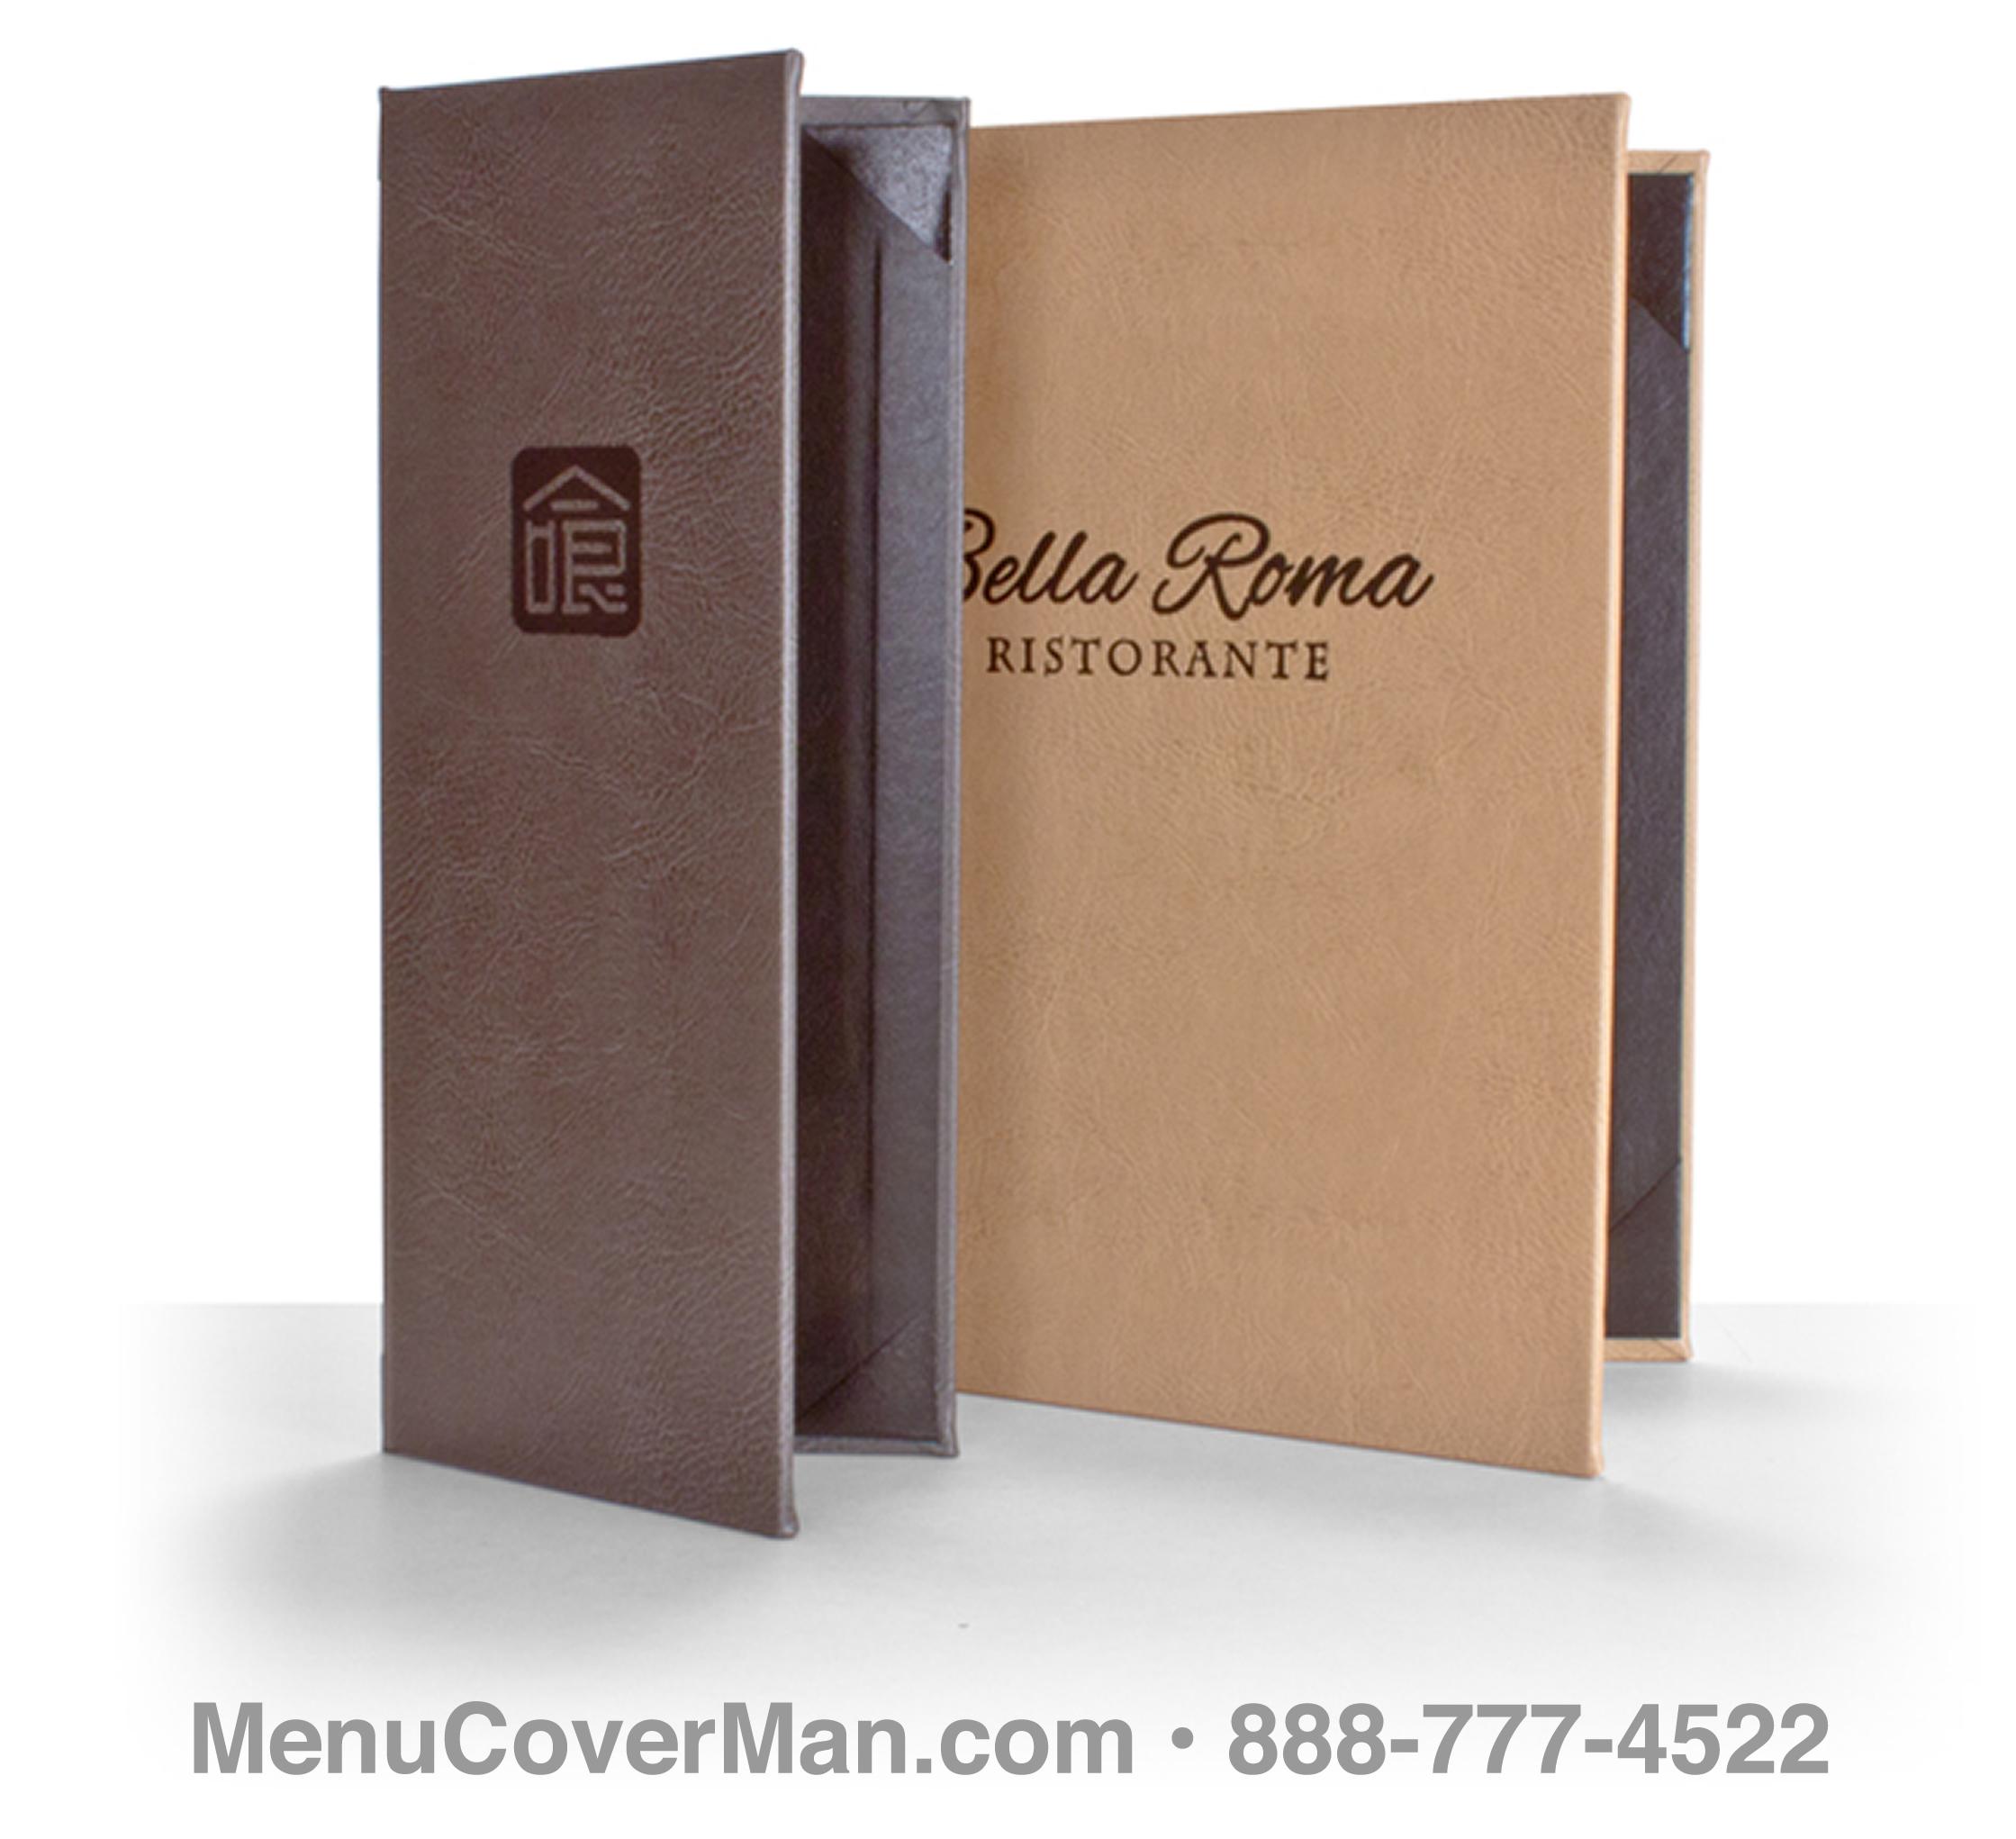 Contemporary Restaurant Menu Covers